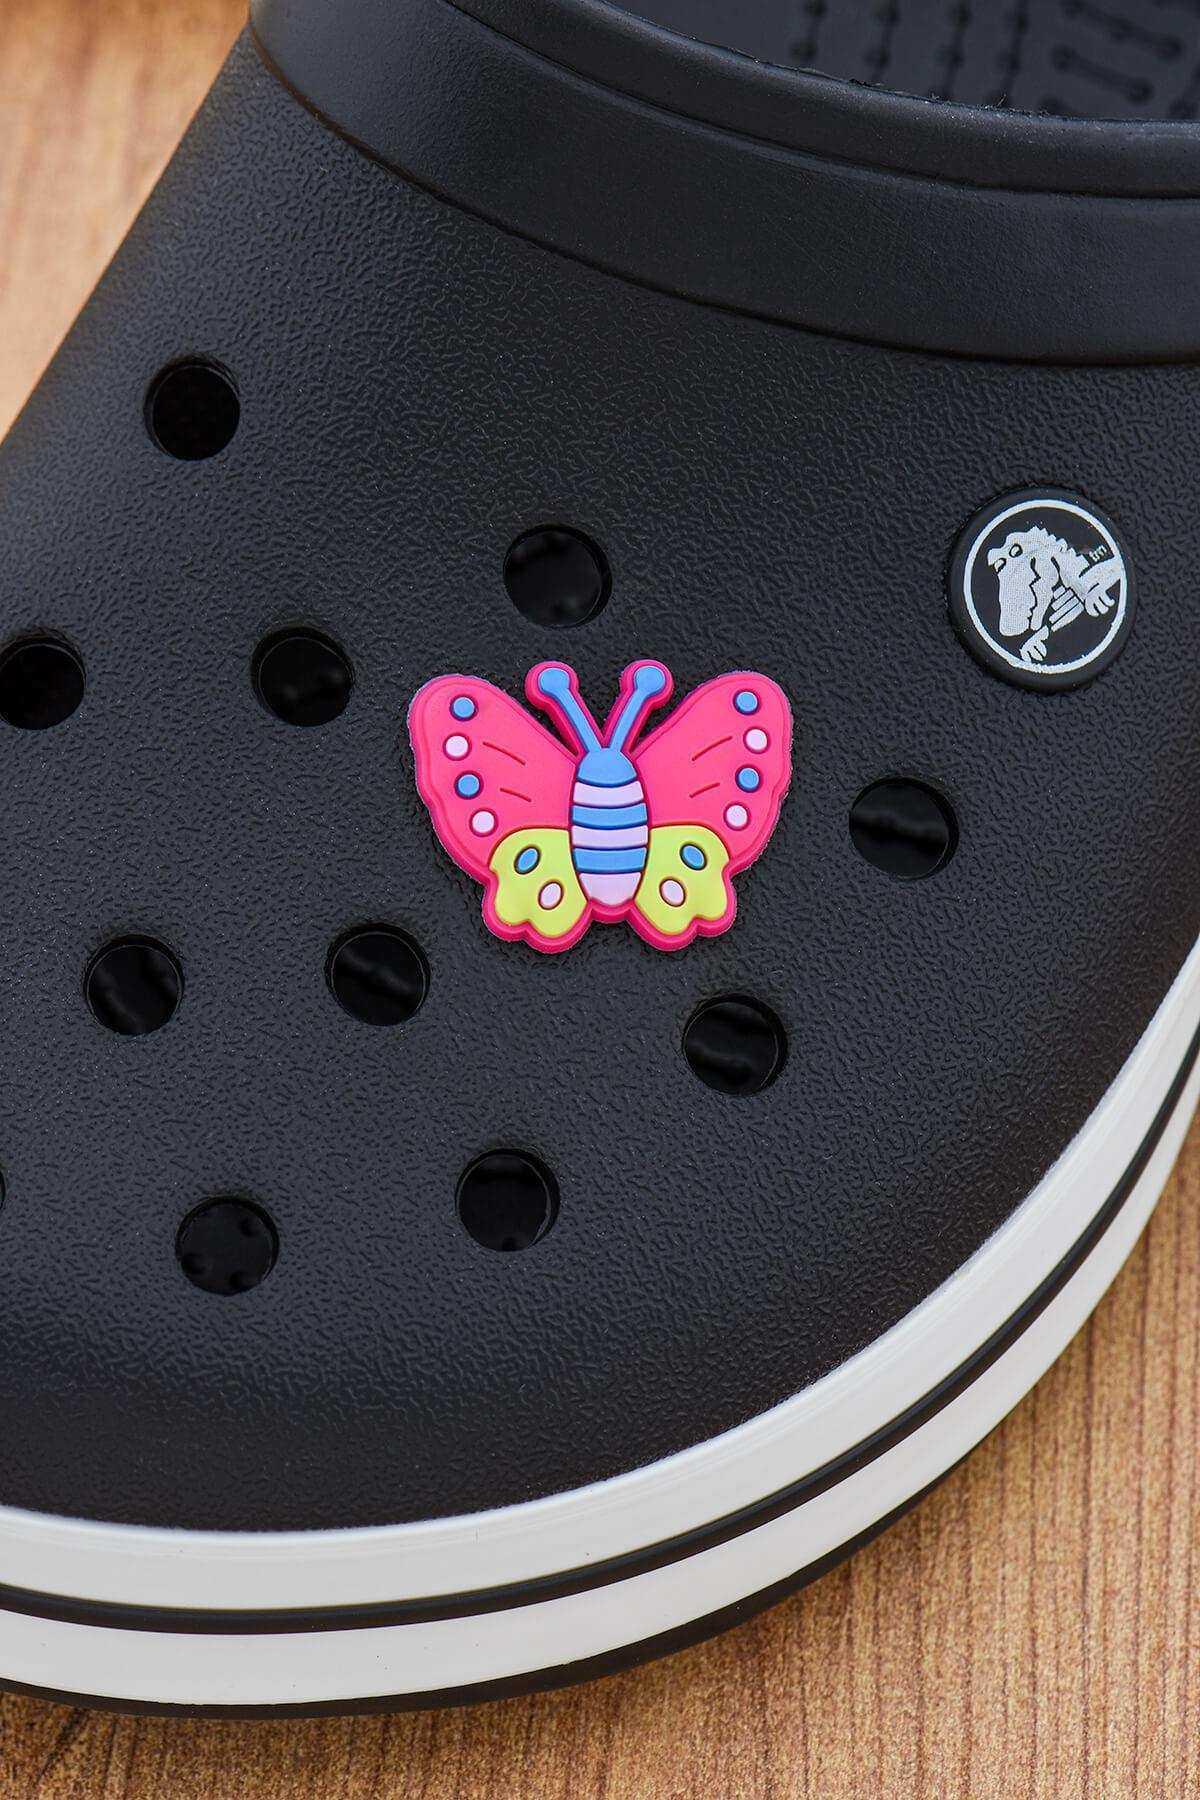 Kelebek Jibbitz Crocs Süsü Bileklik Terlik Süsü Charm Terlik Aksesuarı - CRS0127